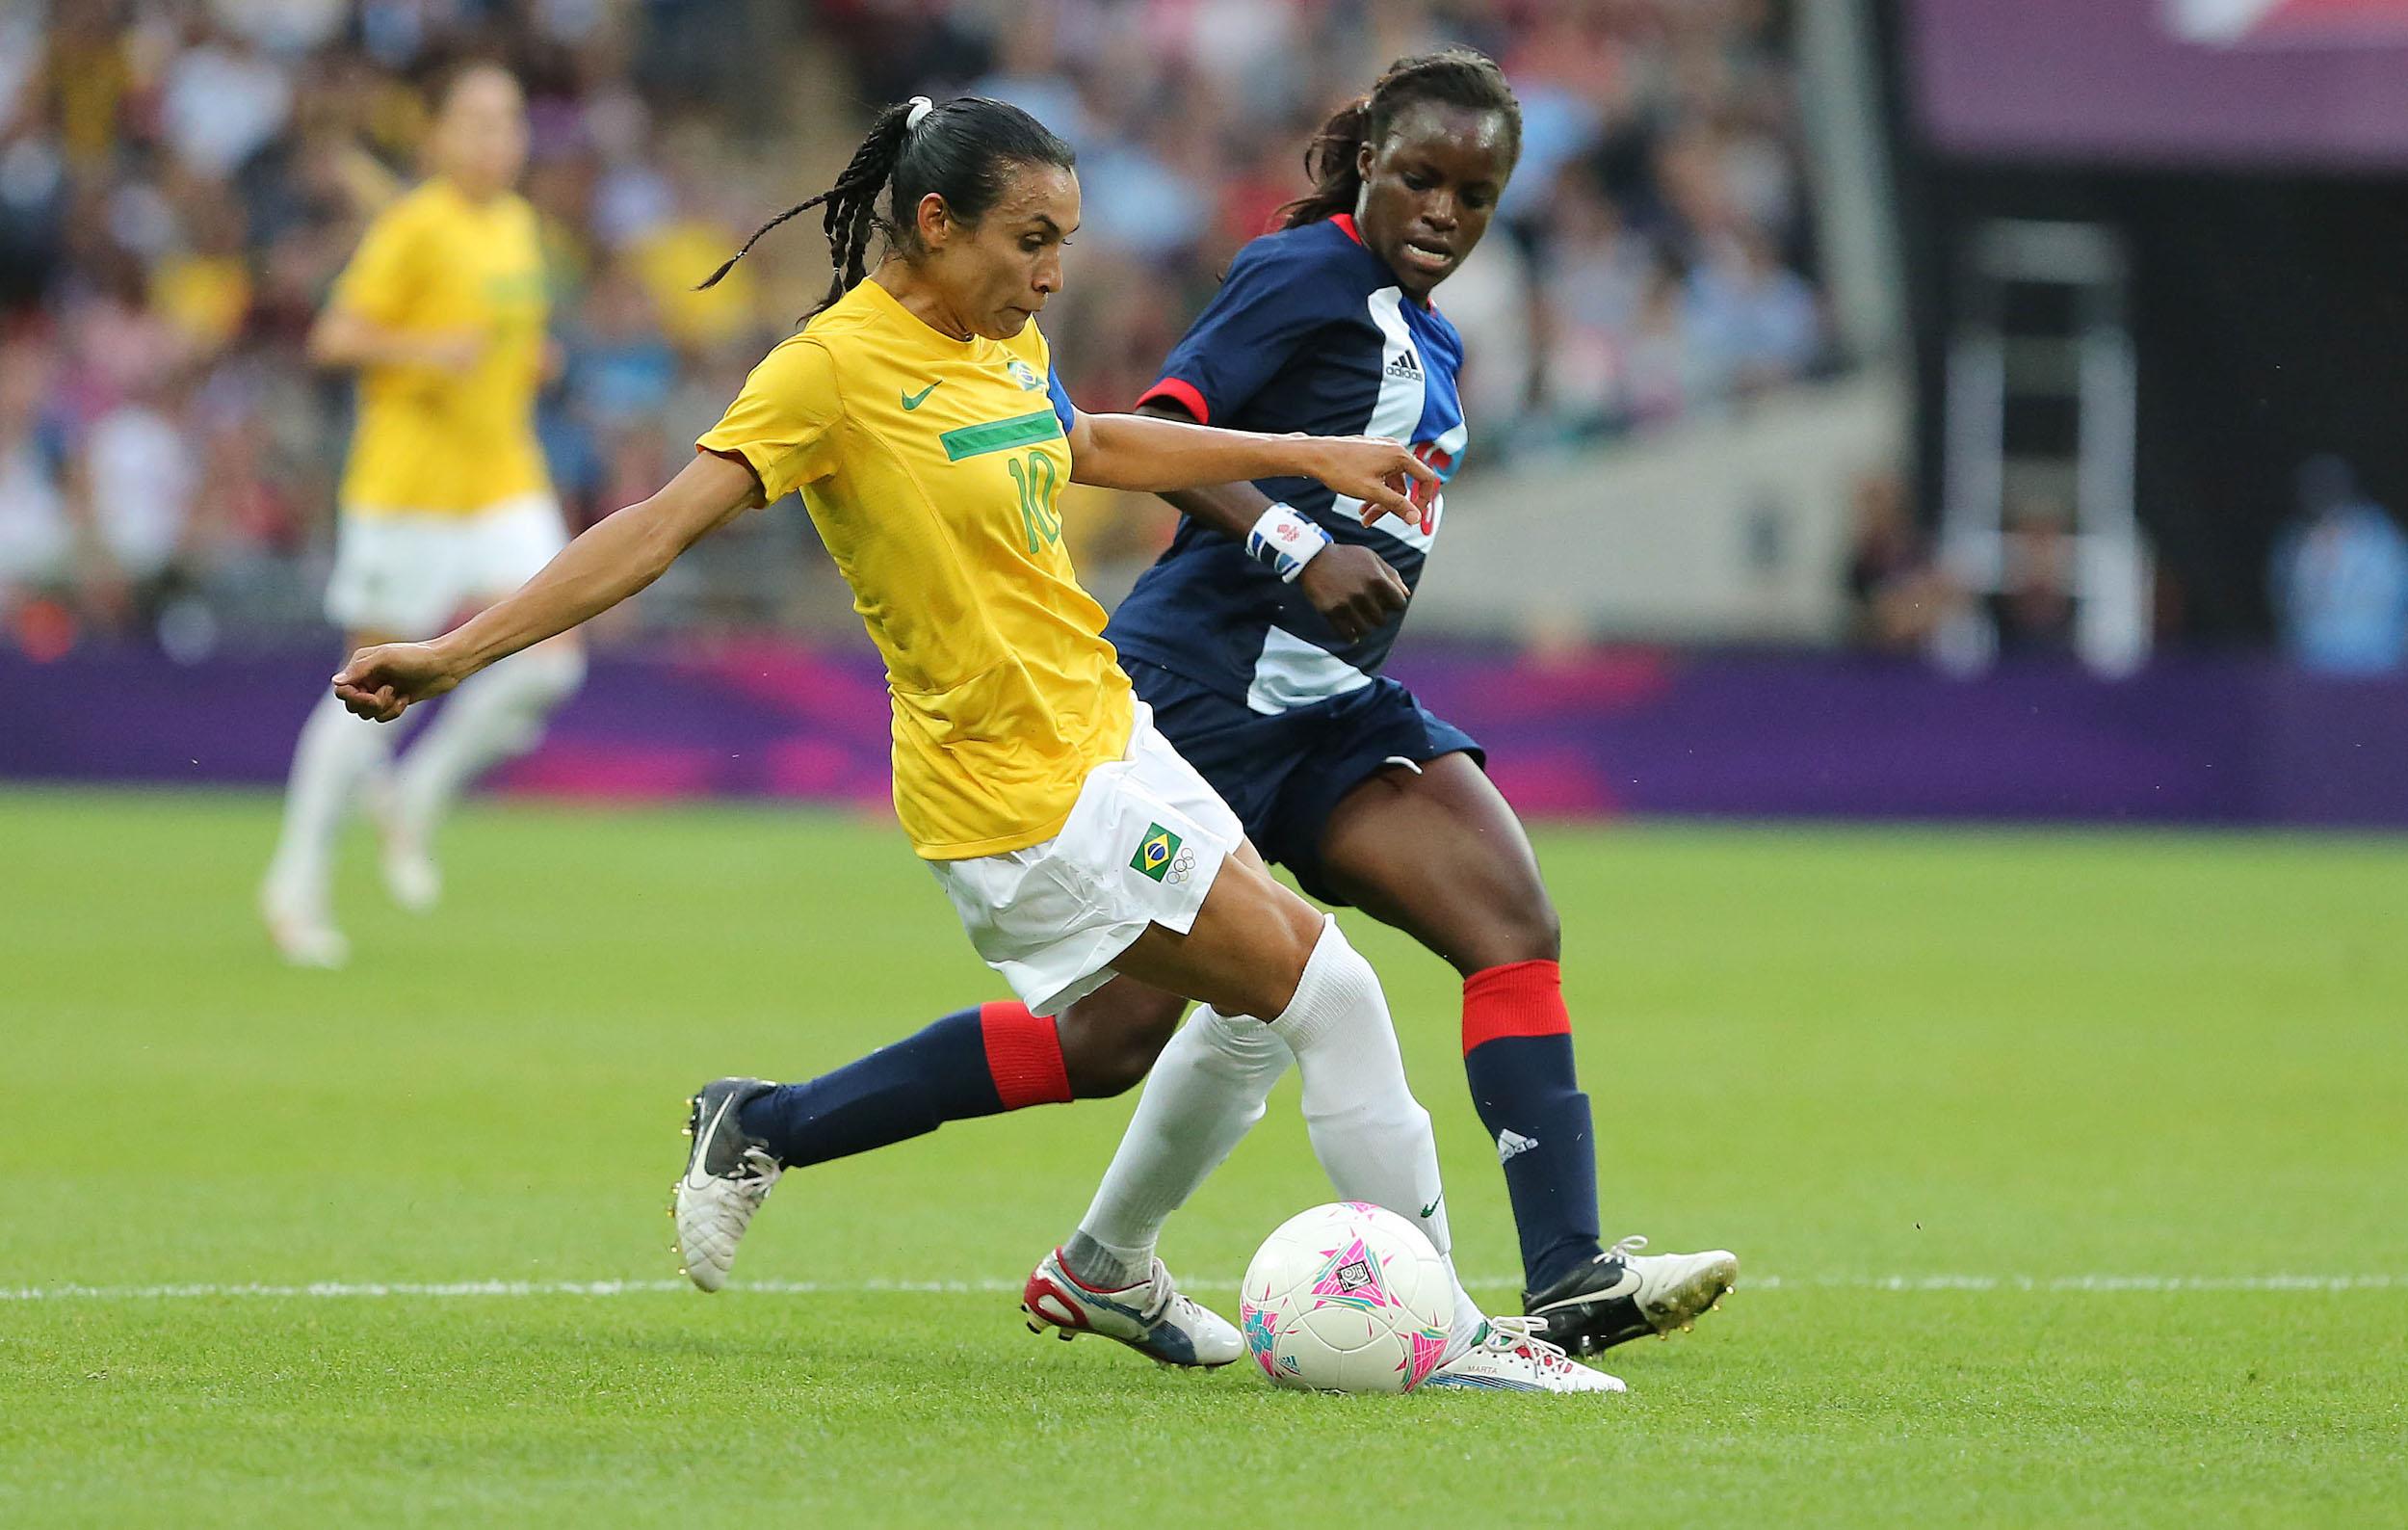 Londres 2012, Futebol Feminino